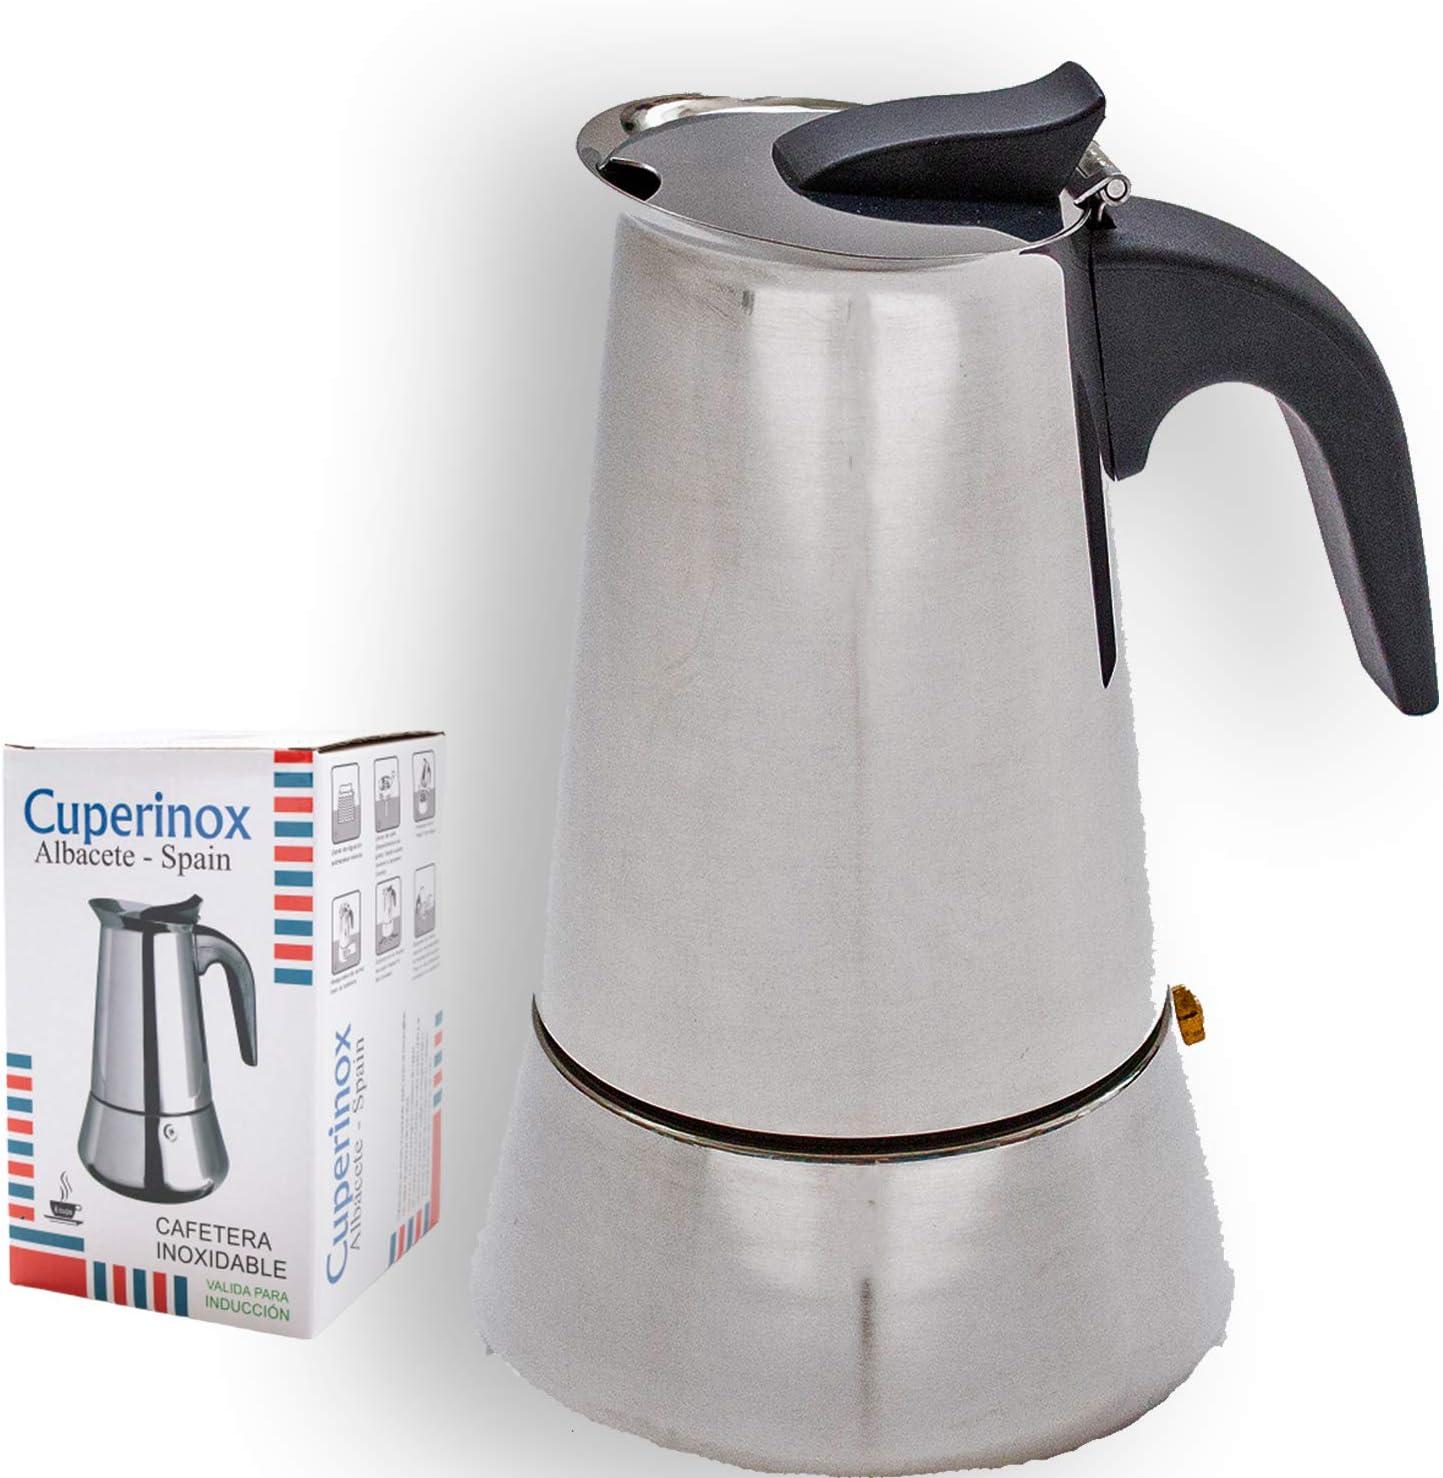 CUPERINOX Cafetera italiana inducción | 12 tazas | cafetera ...